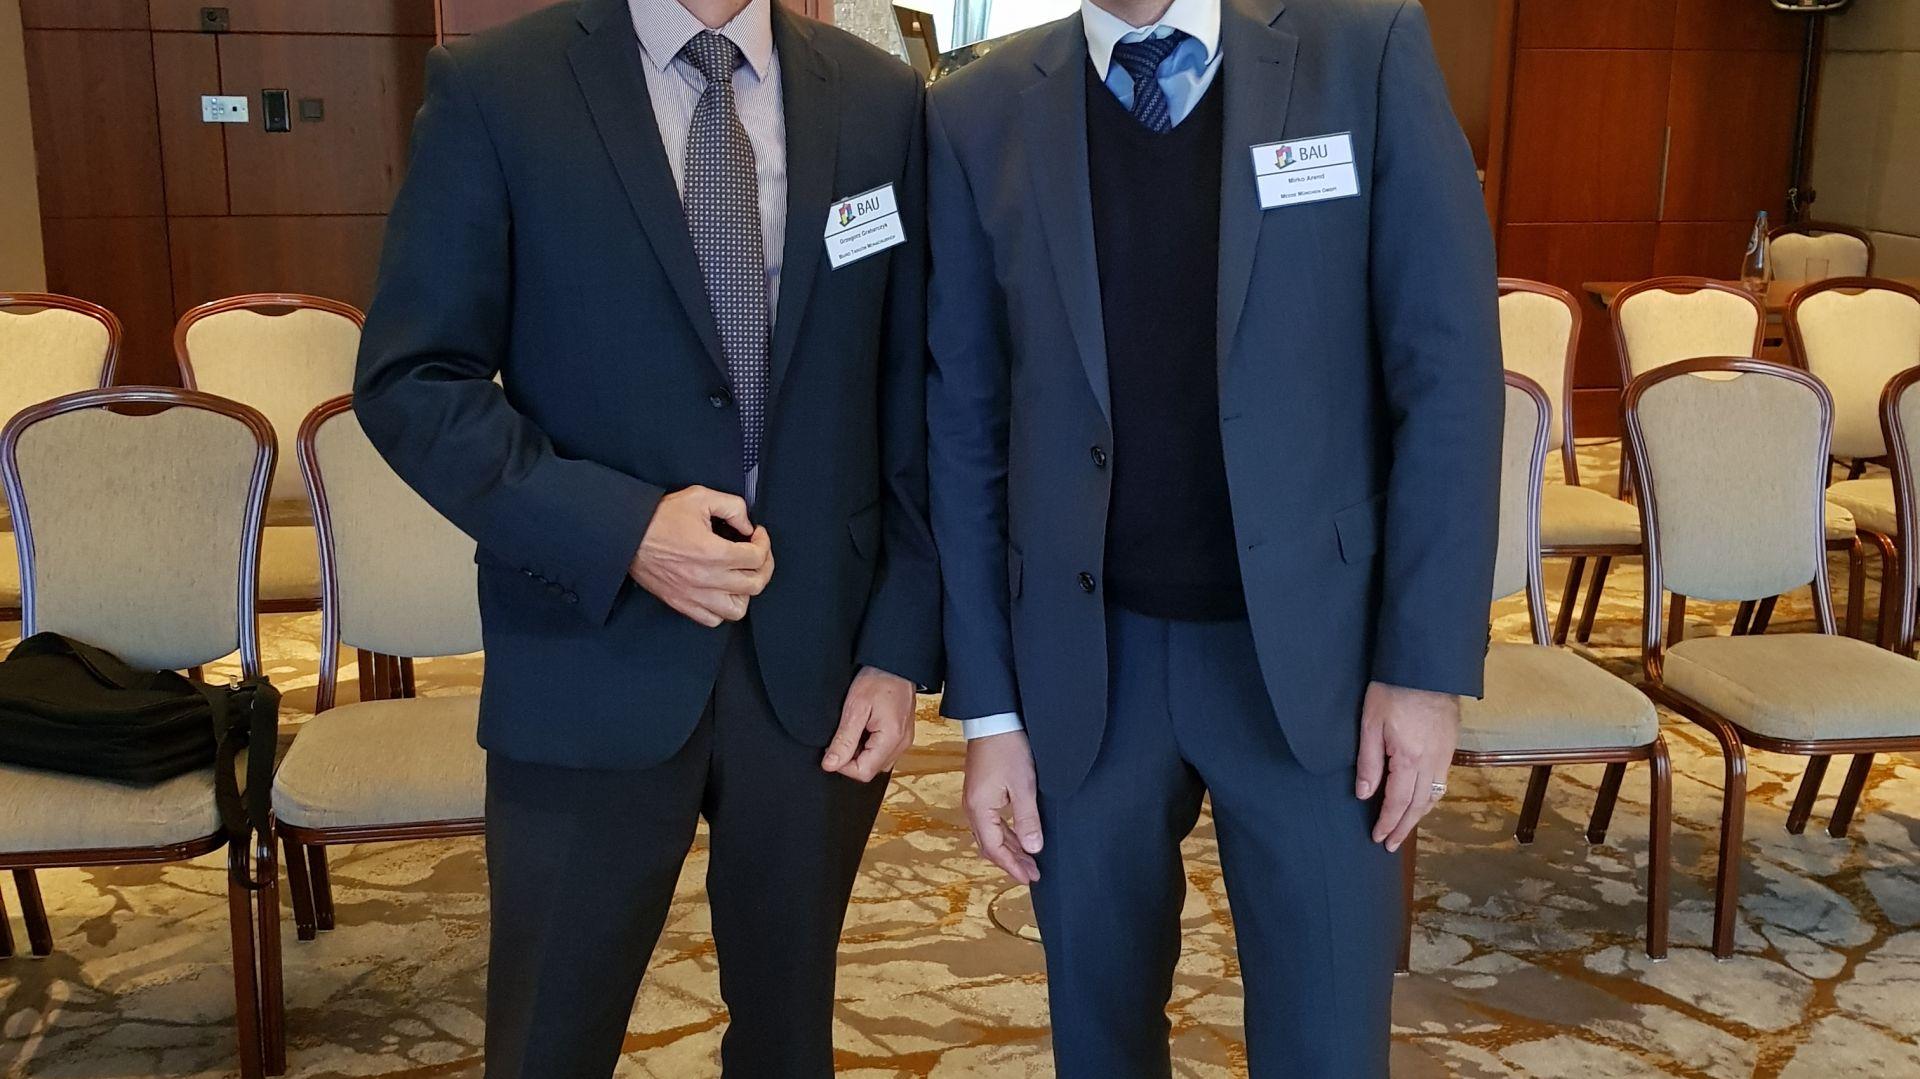 Podczas konferencji, która odbyła się 16 października br. w warszawskim hotelu Westin, Mirko Arend, komisarz targów BAU (pierwszy od prawej) oraz Grzegorz Grabarczyk, dyrektor Biura Targów Monachijskich w Polsce odpowiadali na pytania dziennikarzy dotyczące nowej formuły targów BAU 2019, zwiększonej przestrzeni wystawowej oraz liczby odwiedzających. Fot. Biuro Targów Monachijskich w Polsce